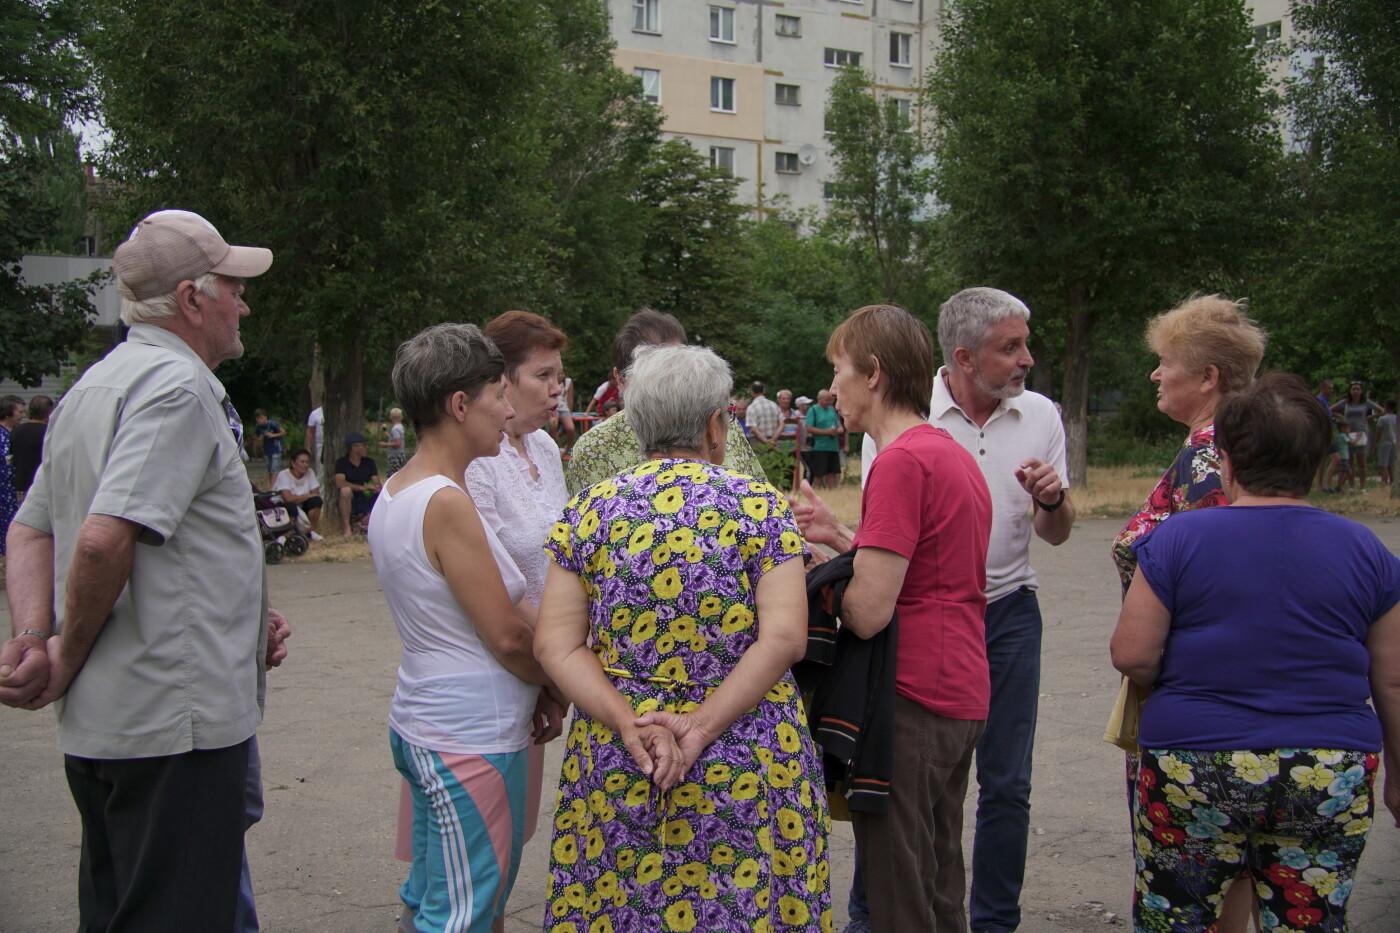 Ніна Матвієнко закликала жителів Макорт і Азмола проголосувати за зміни і порядок, фото-4